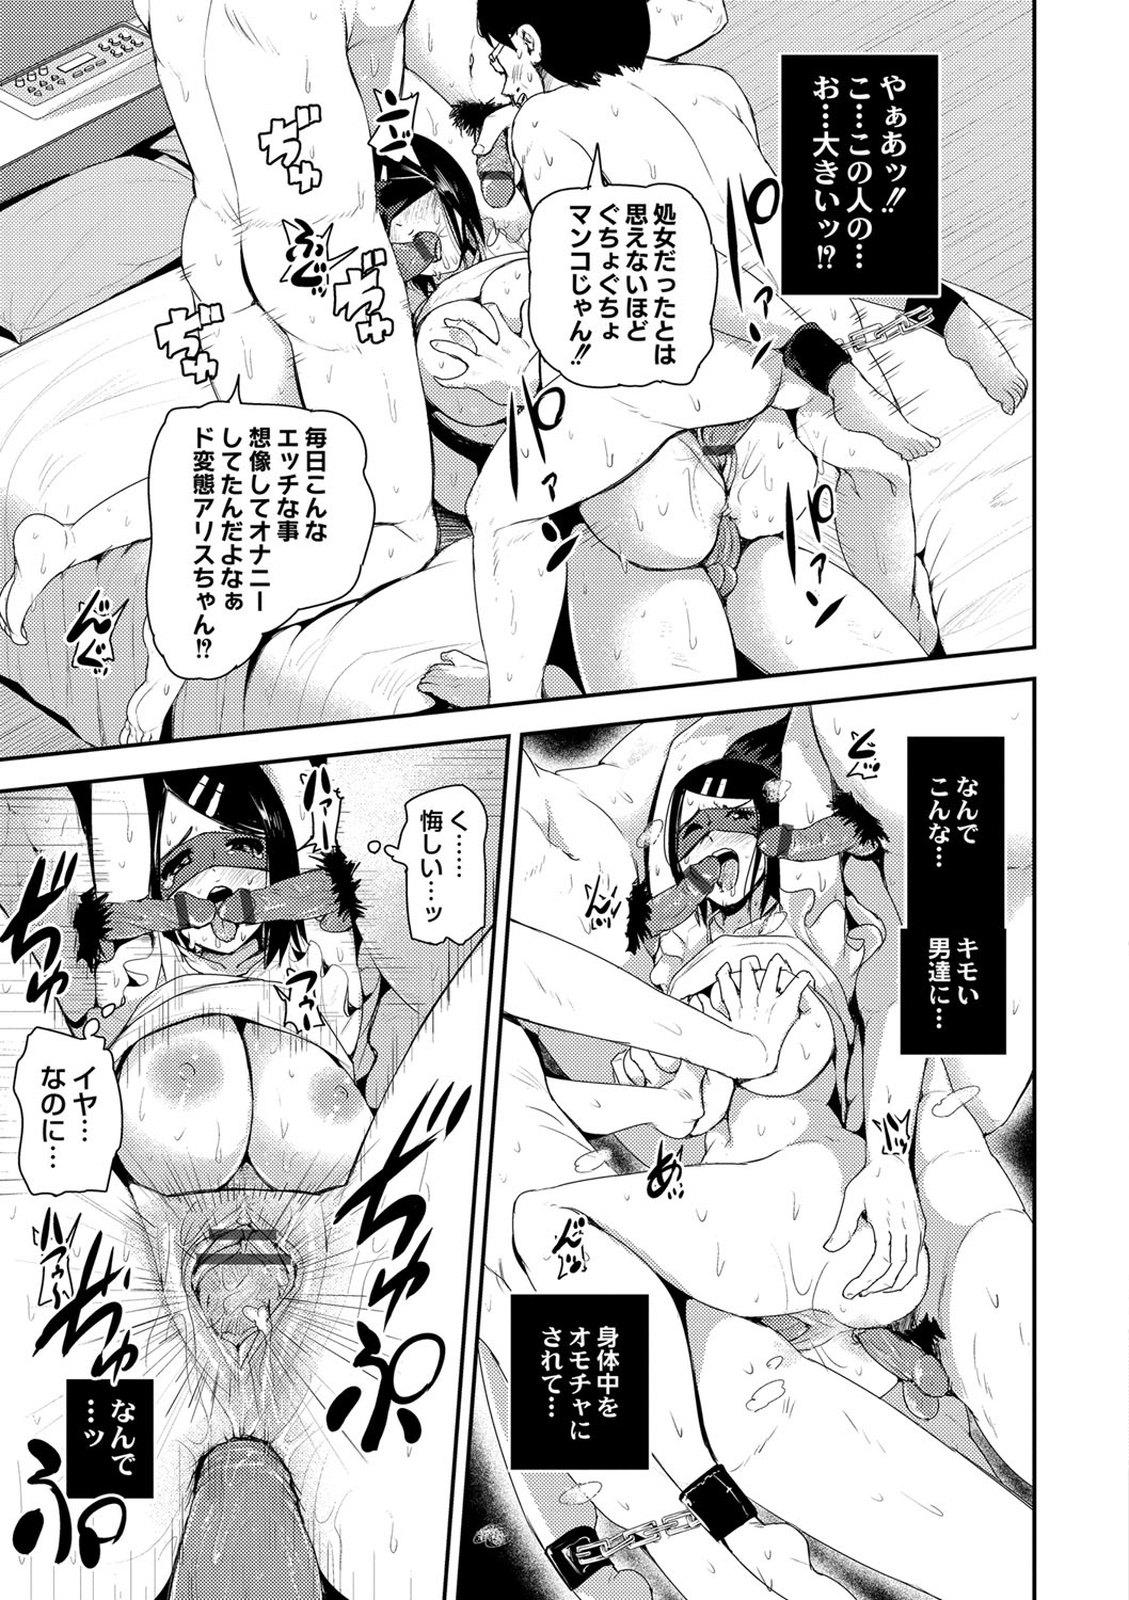 【エロ漫画】クソ生意気な援交JKに弄ばれた男達が結託し集団復讐レイプwww